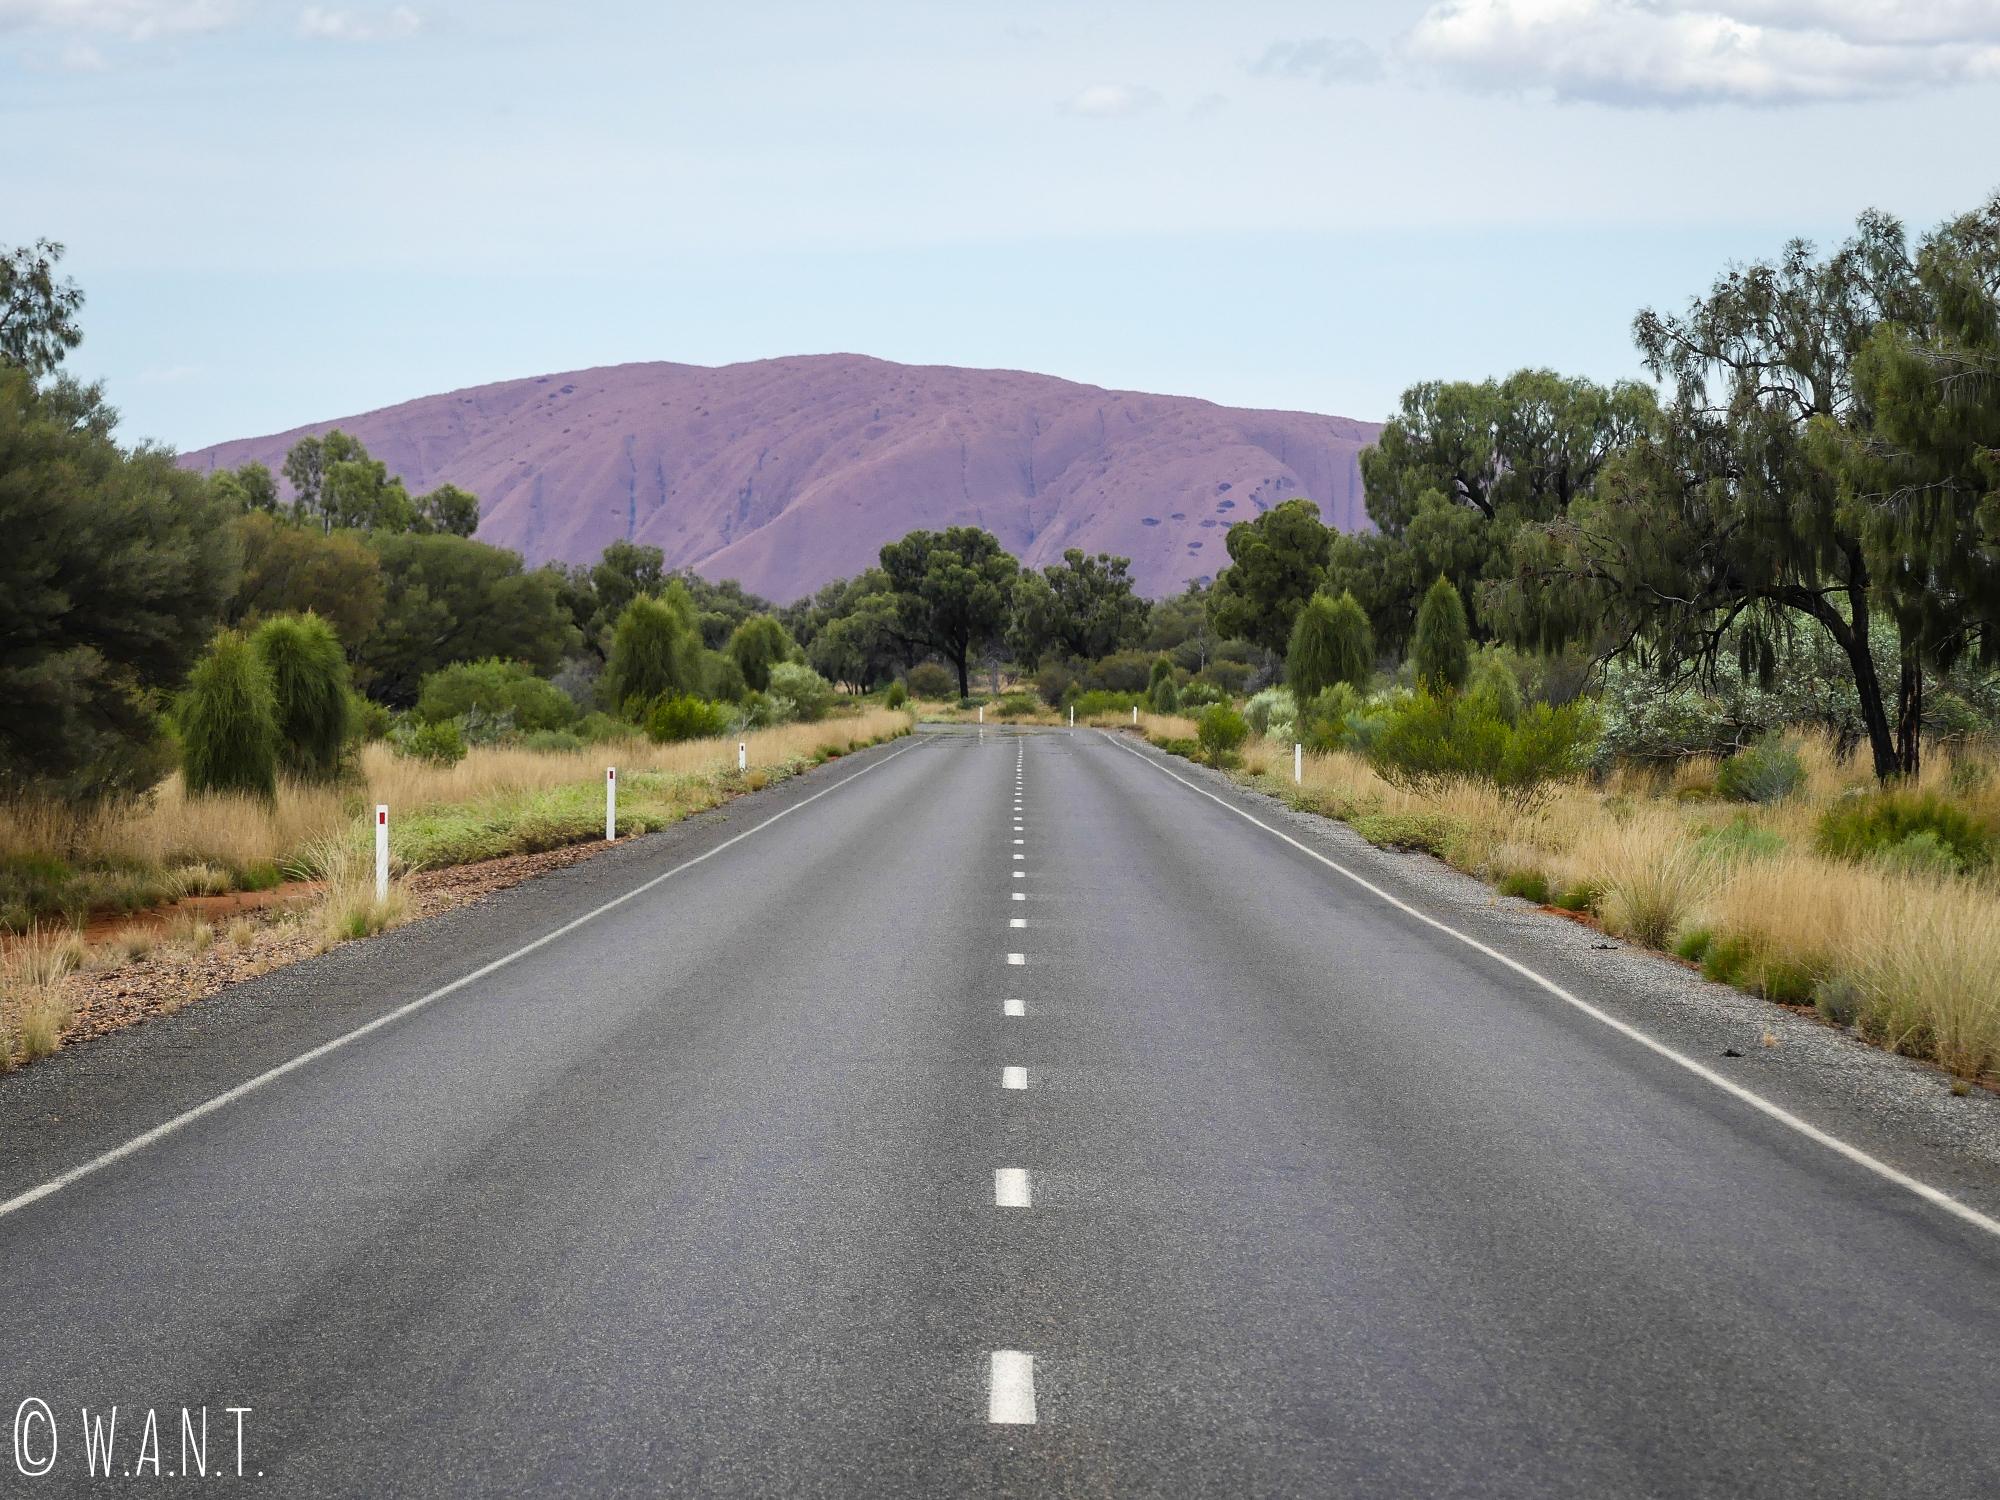 Sur la route en direction d'Uluru